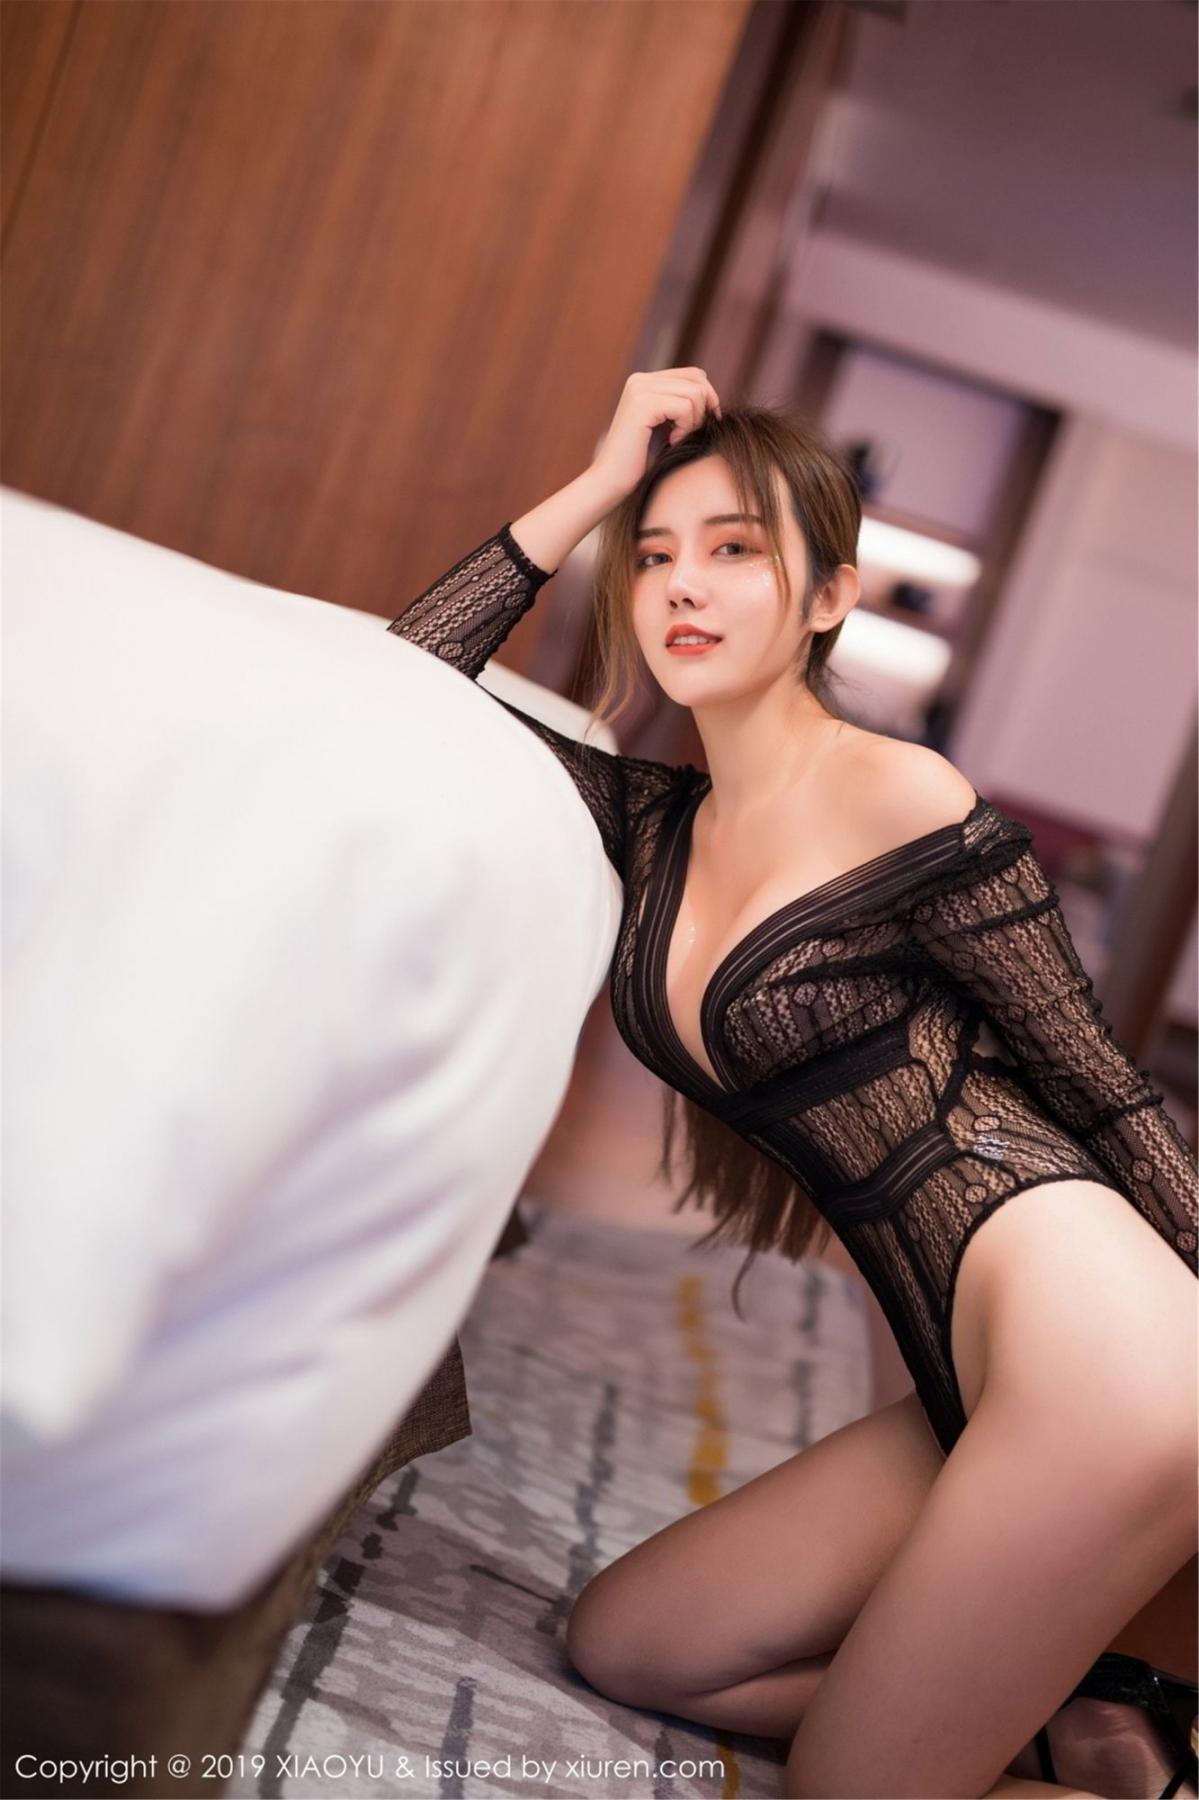 [XiaoYu] Vol.064 Zhuo Ya Qi 15P, Sexy, XiaoYu, Zhuo Ya Qi